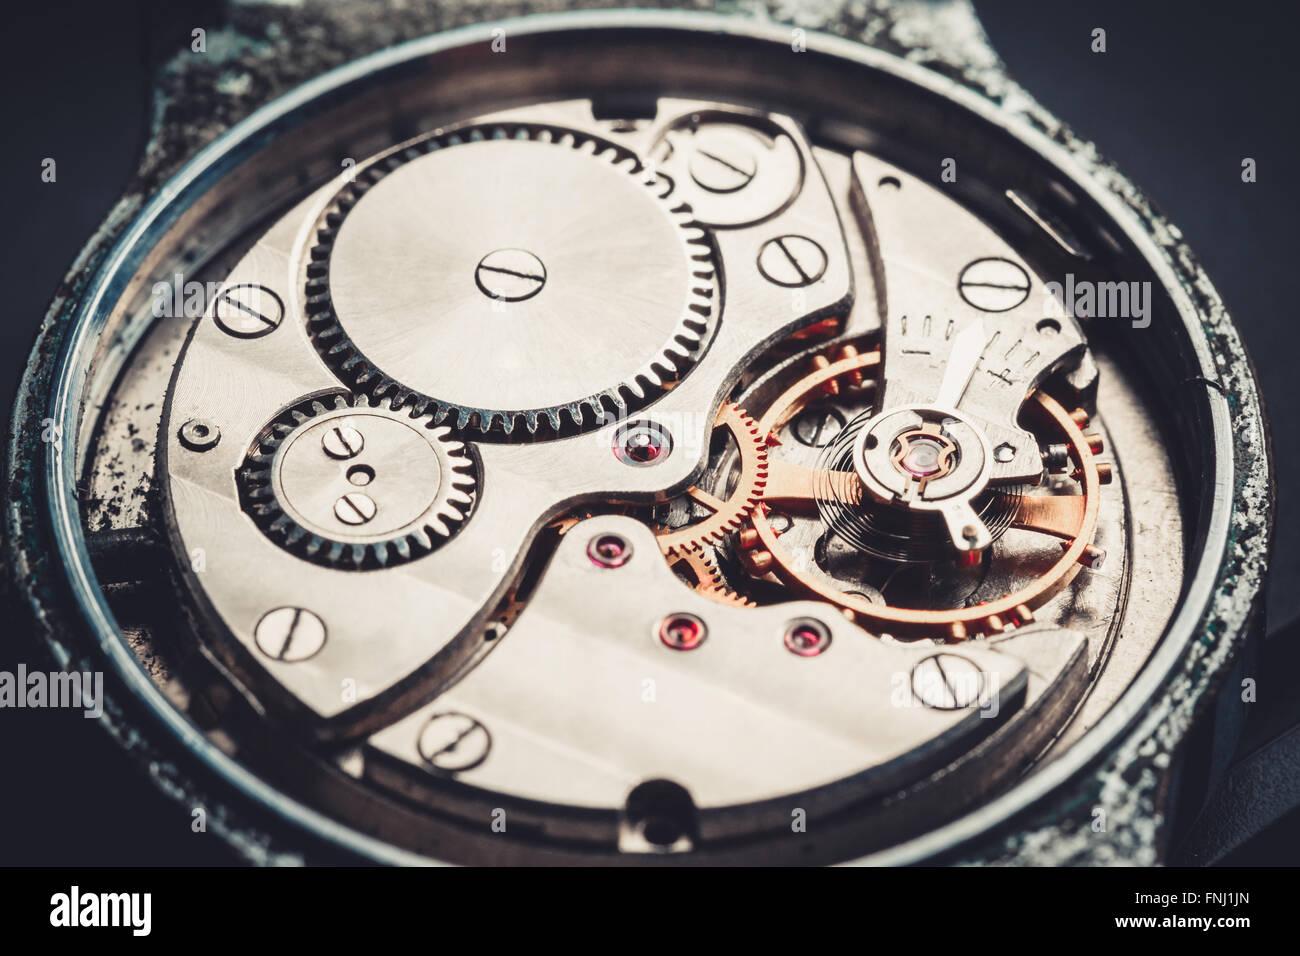 Mecanismo vintage de antiguo reloj de pulsera hermoso fondo metálico y negro original Imagen De Stock